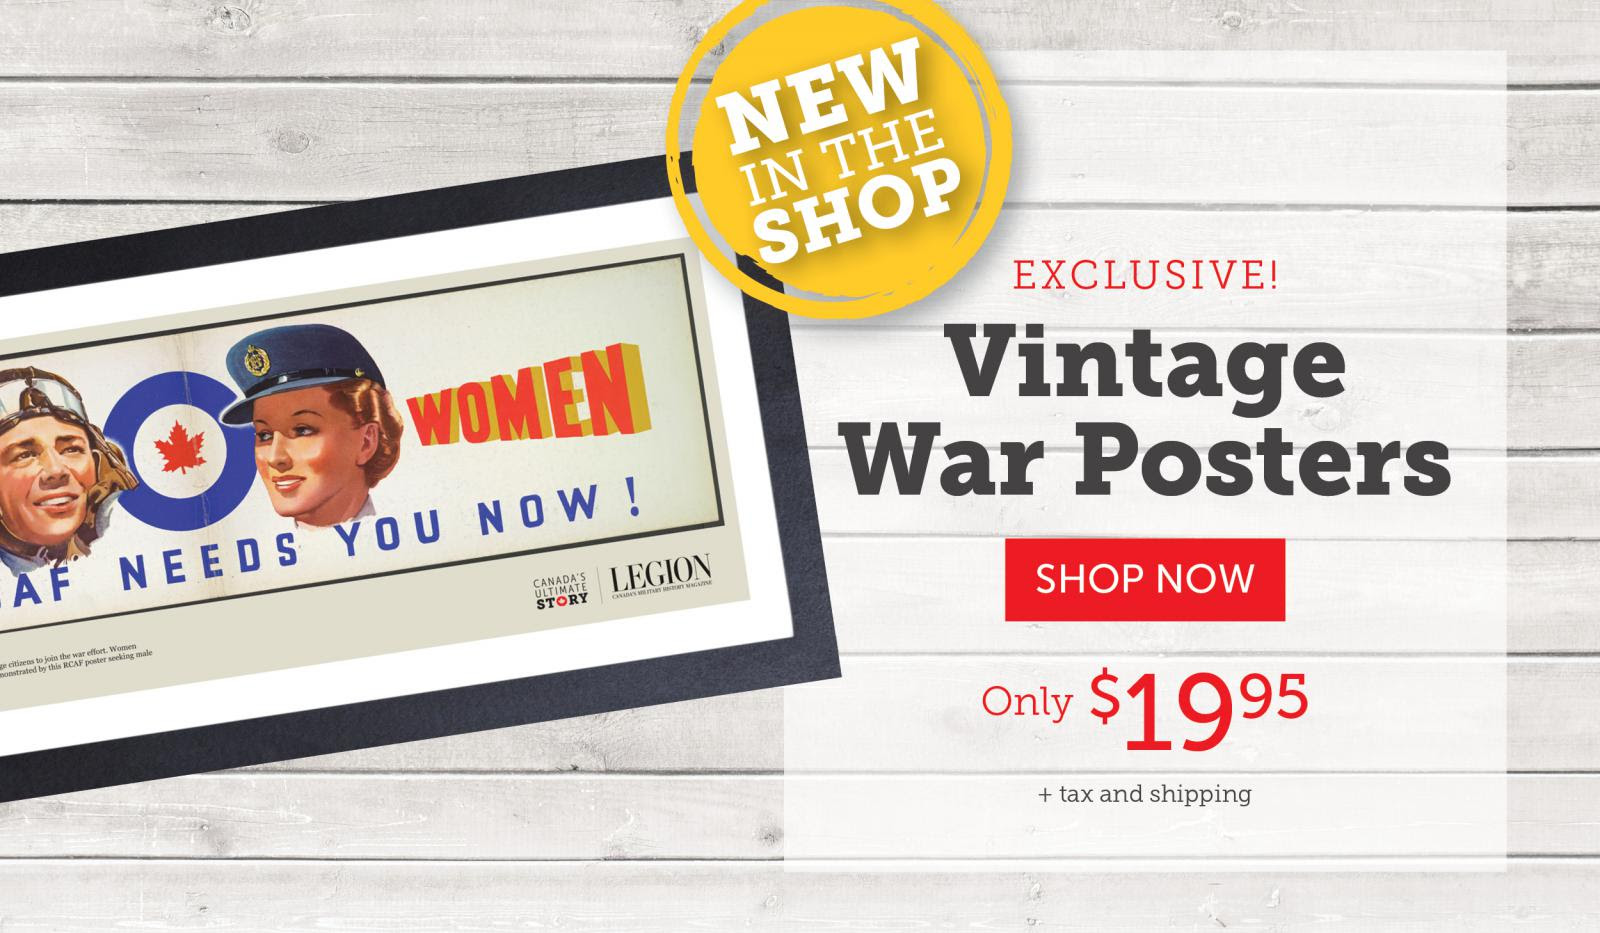 Vintage War Posters V.2